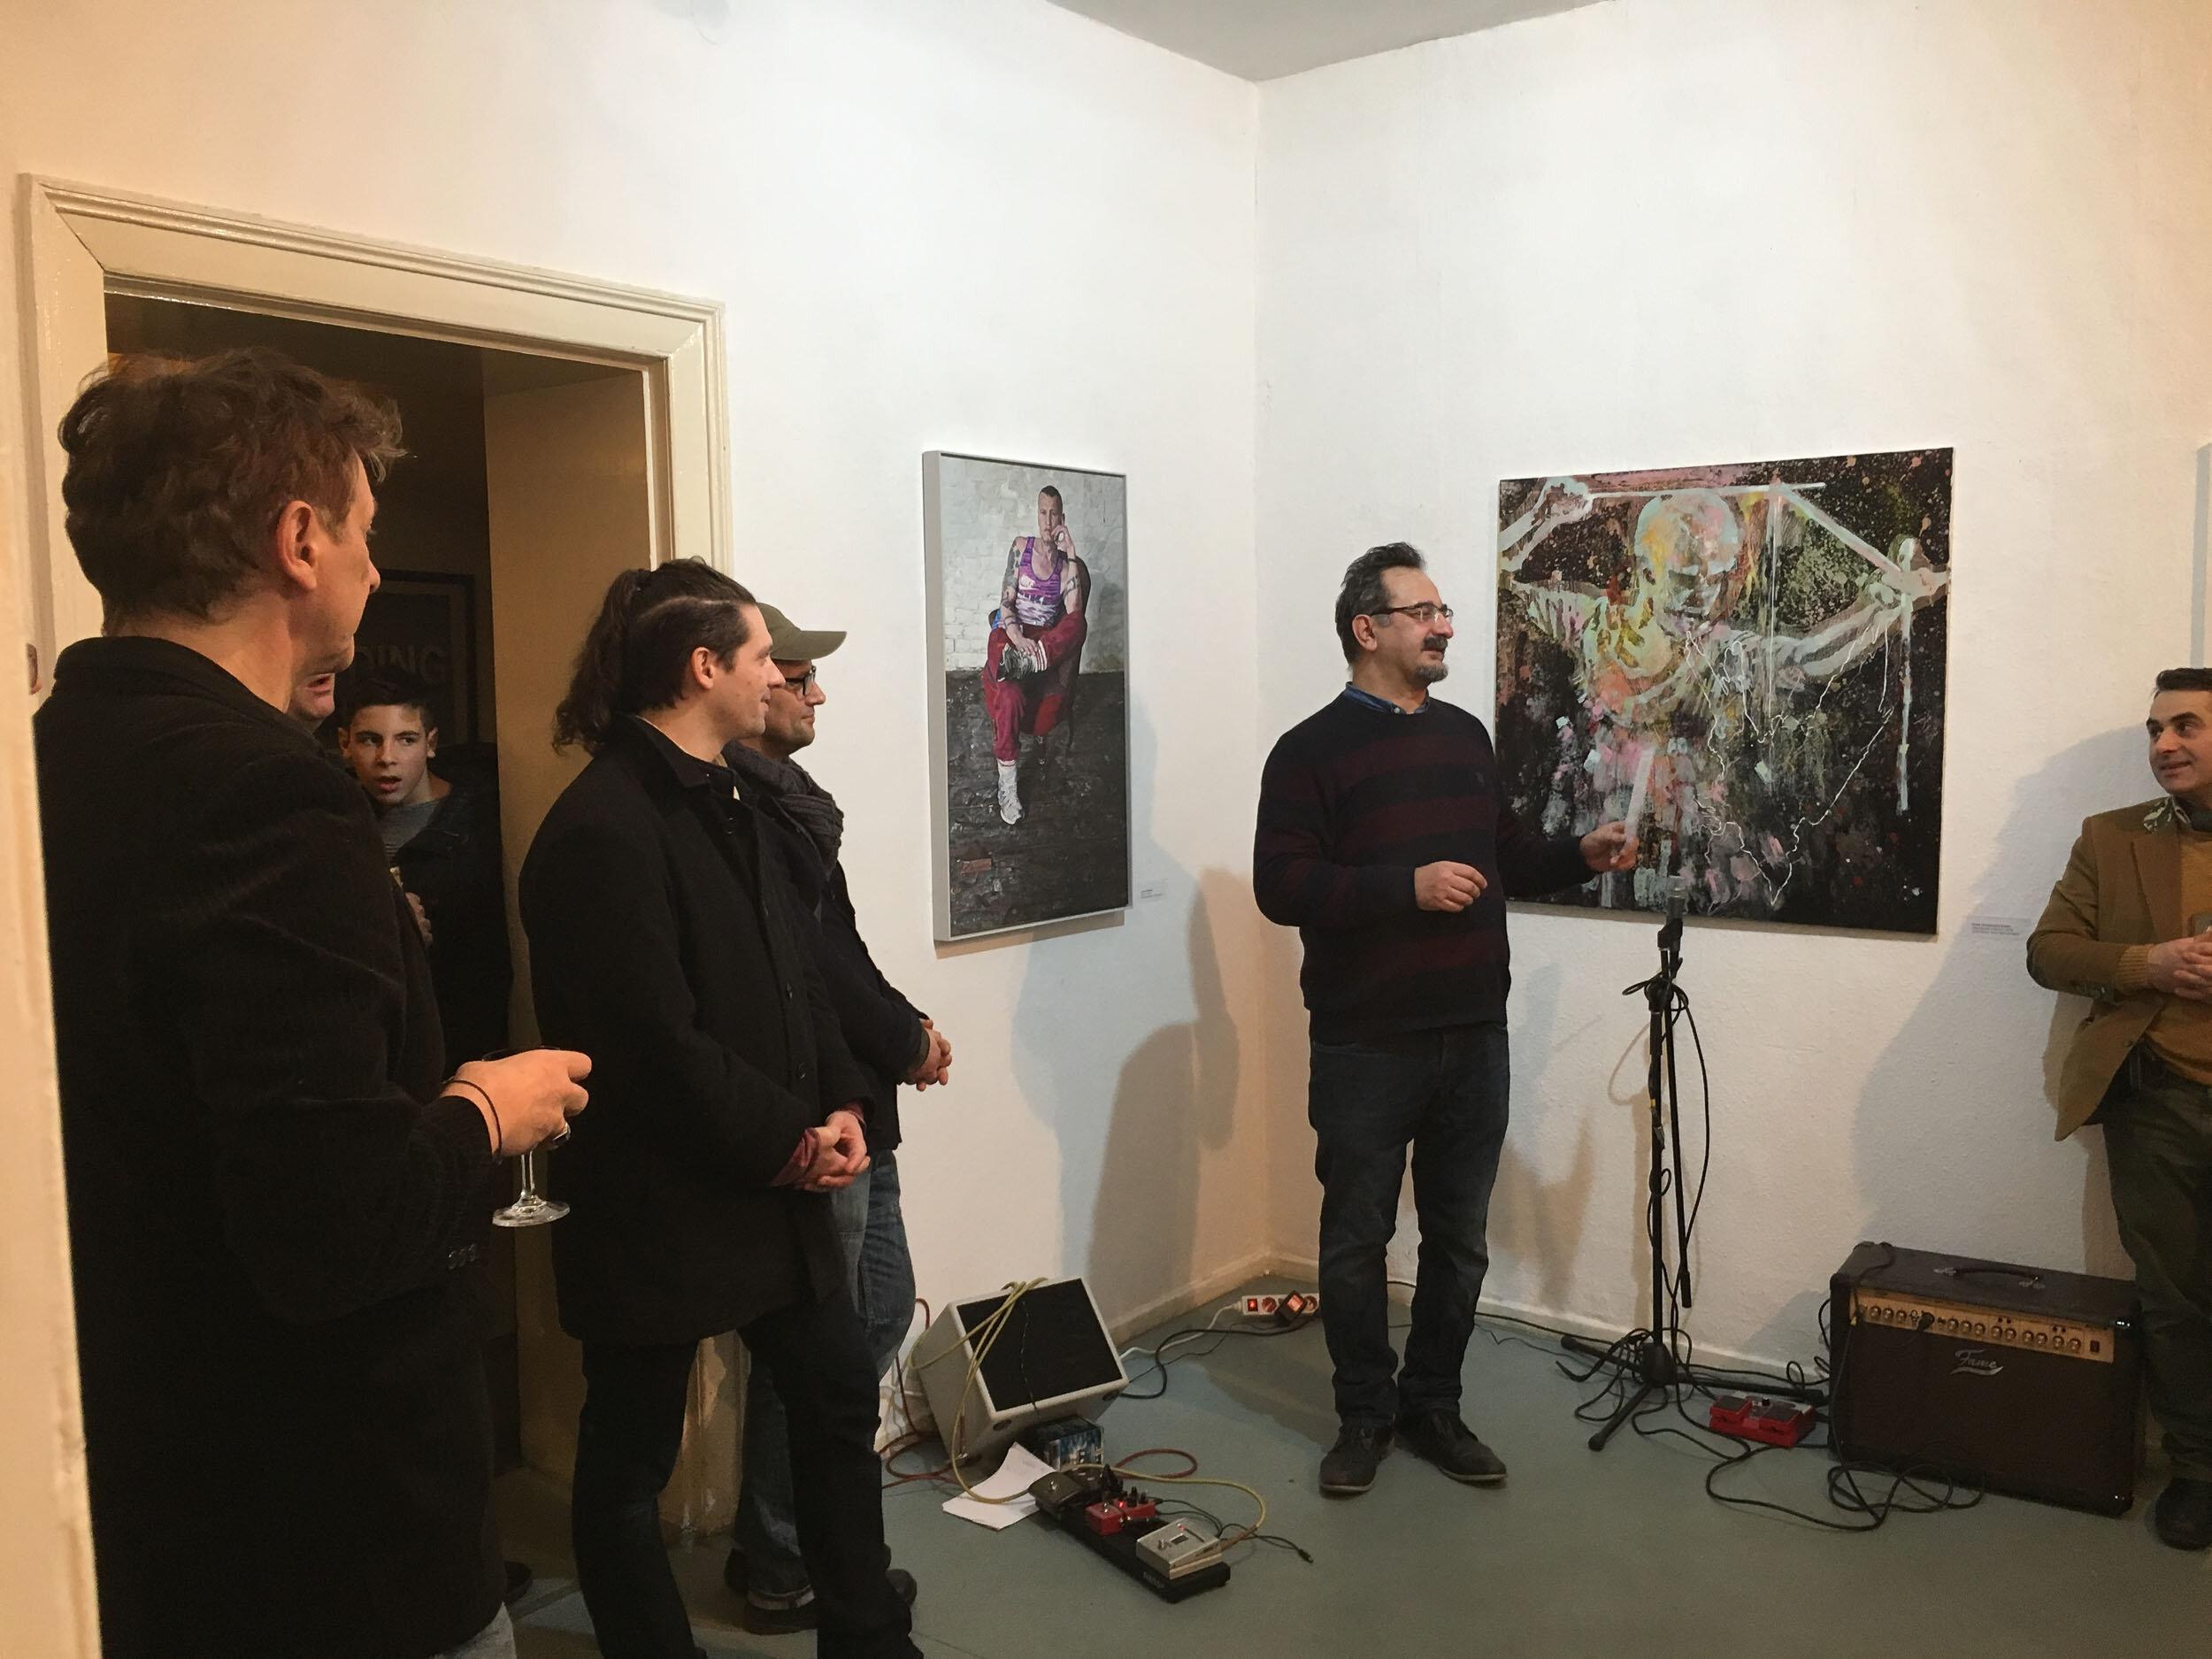 """Prima Center Berlin - """"MAN UP - MAN DOWN"""" mit Filmvorführung """"Super Art Market"""" (Zoran Solomun)Feb 2018"""